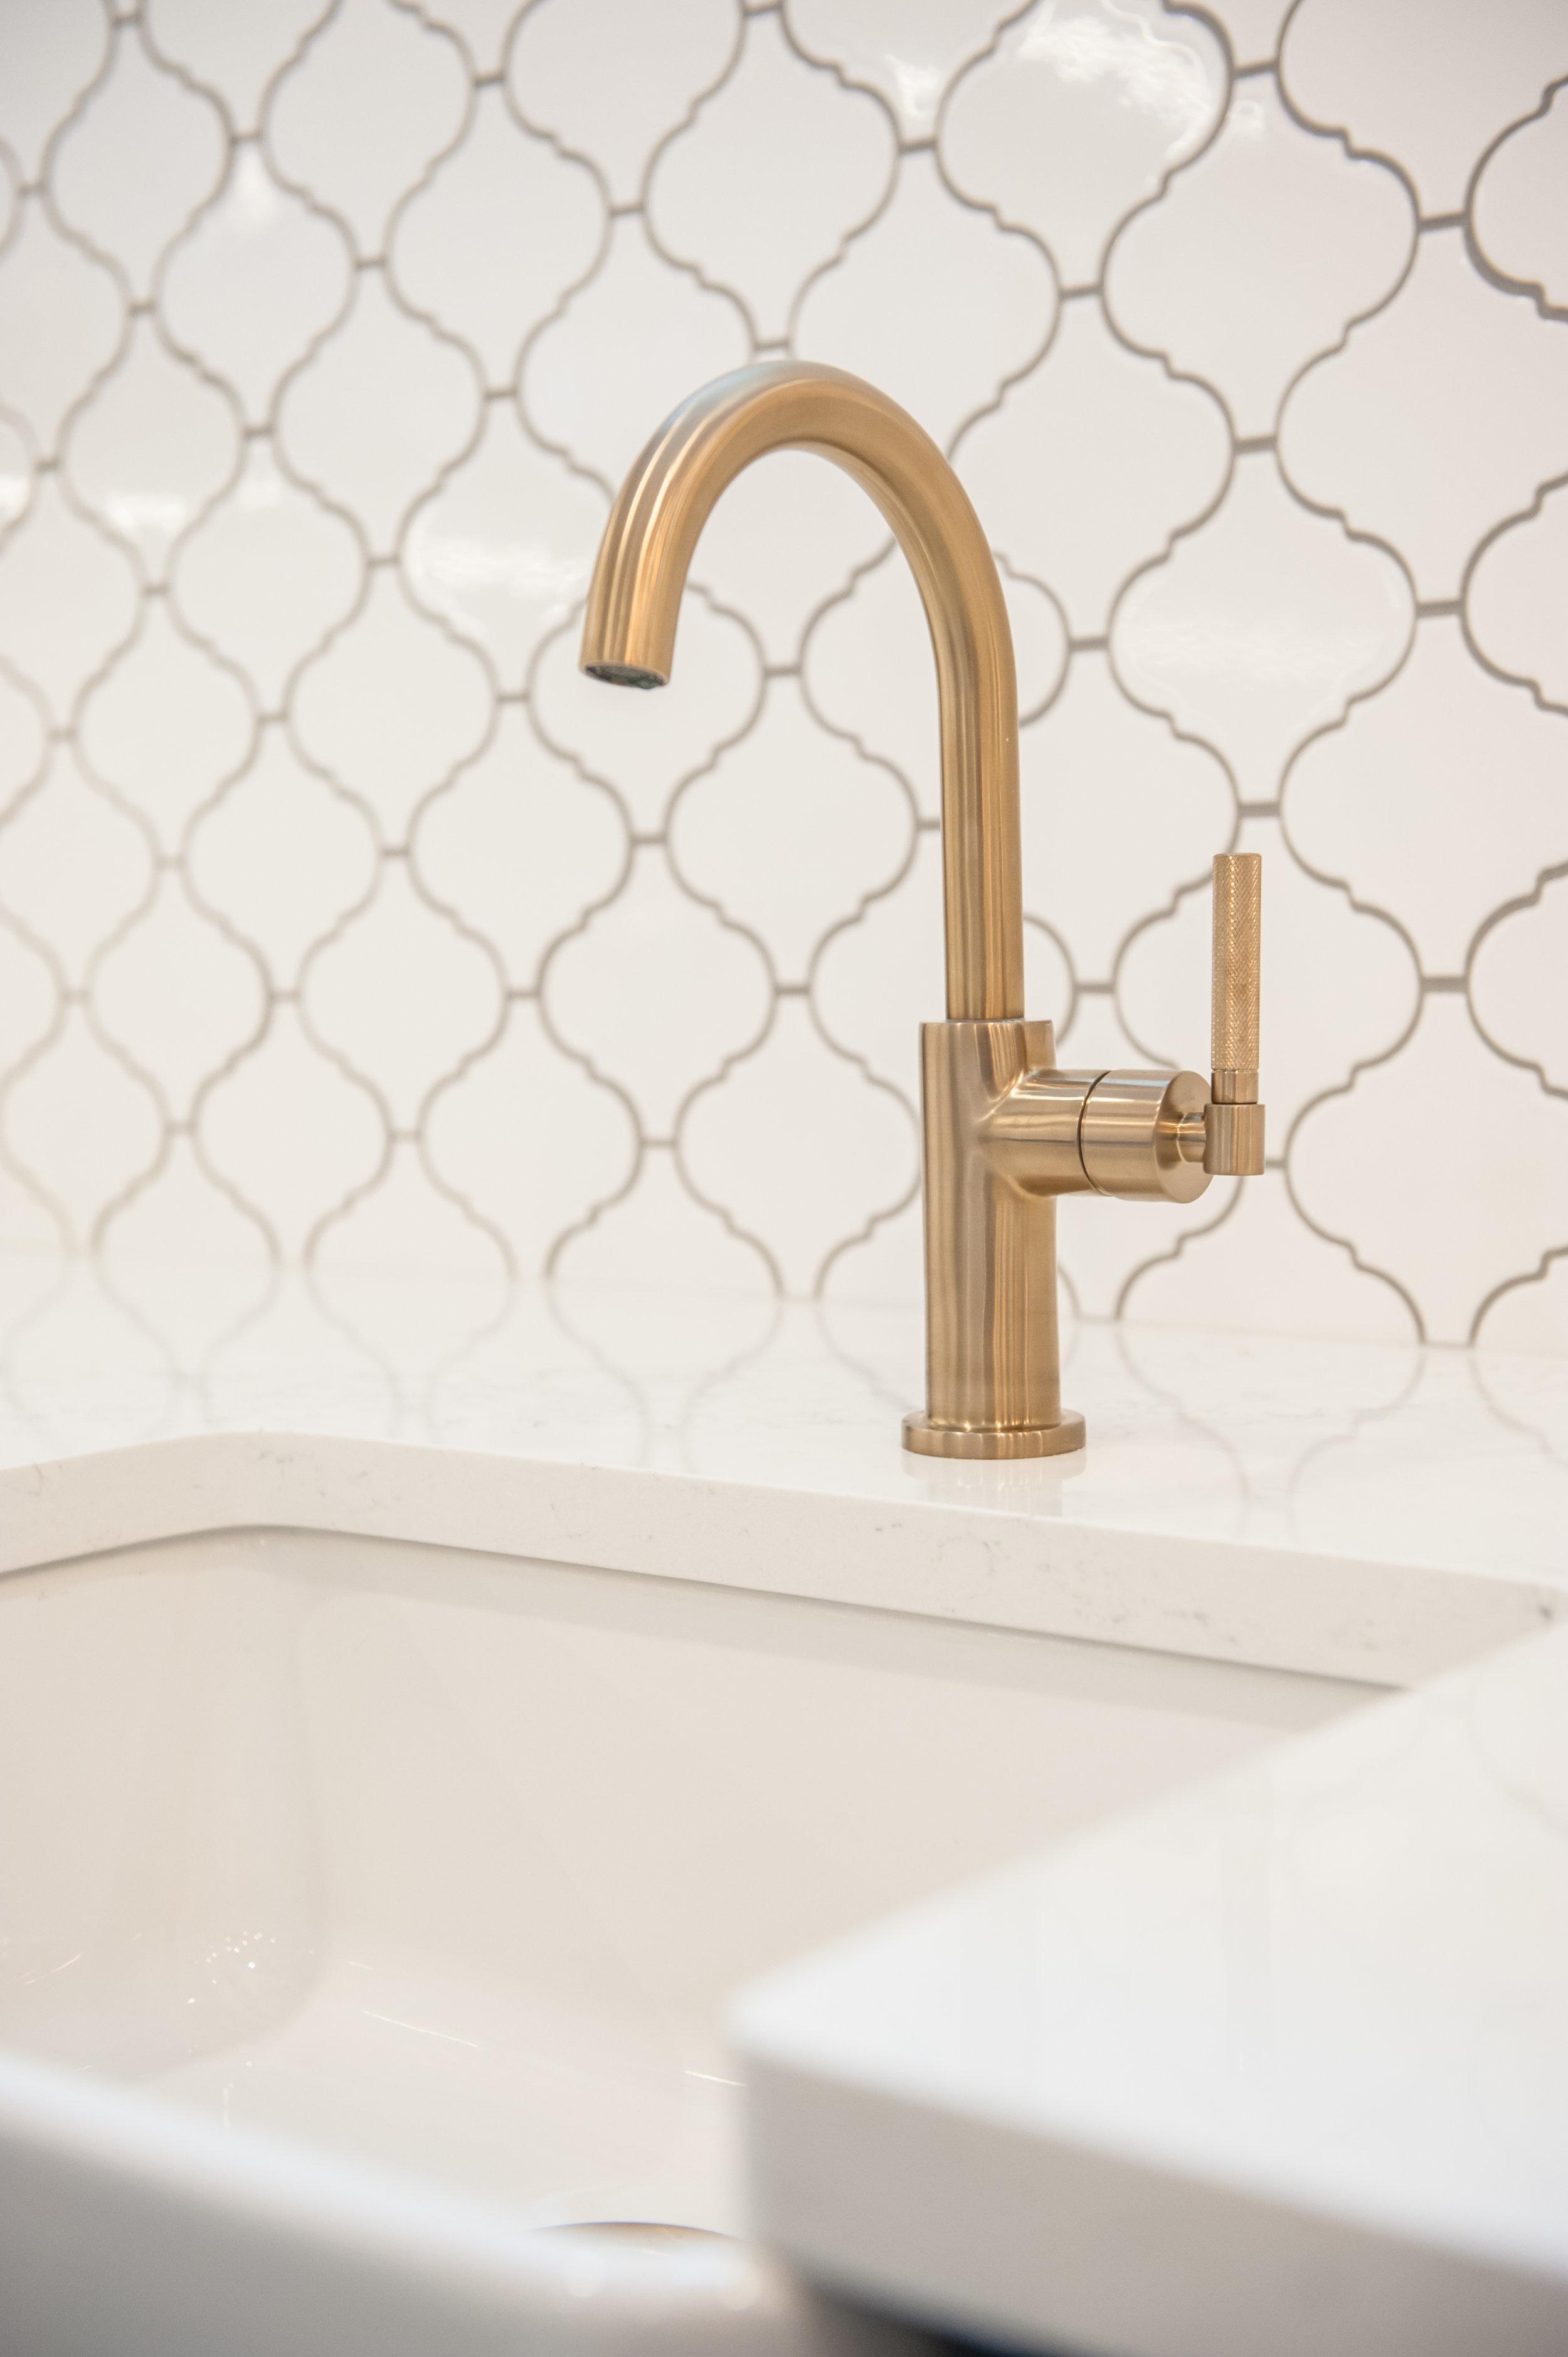 arabesque_tile_gold_faucet